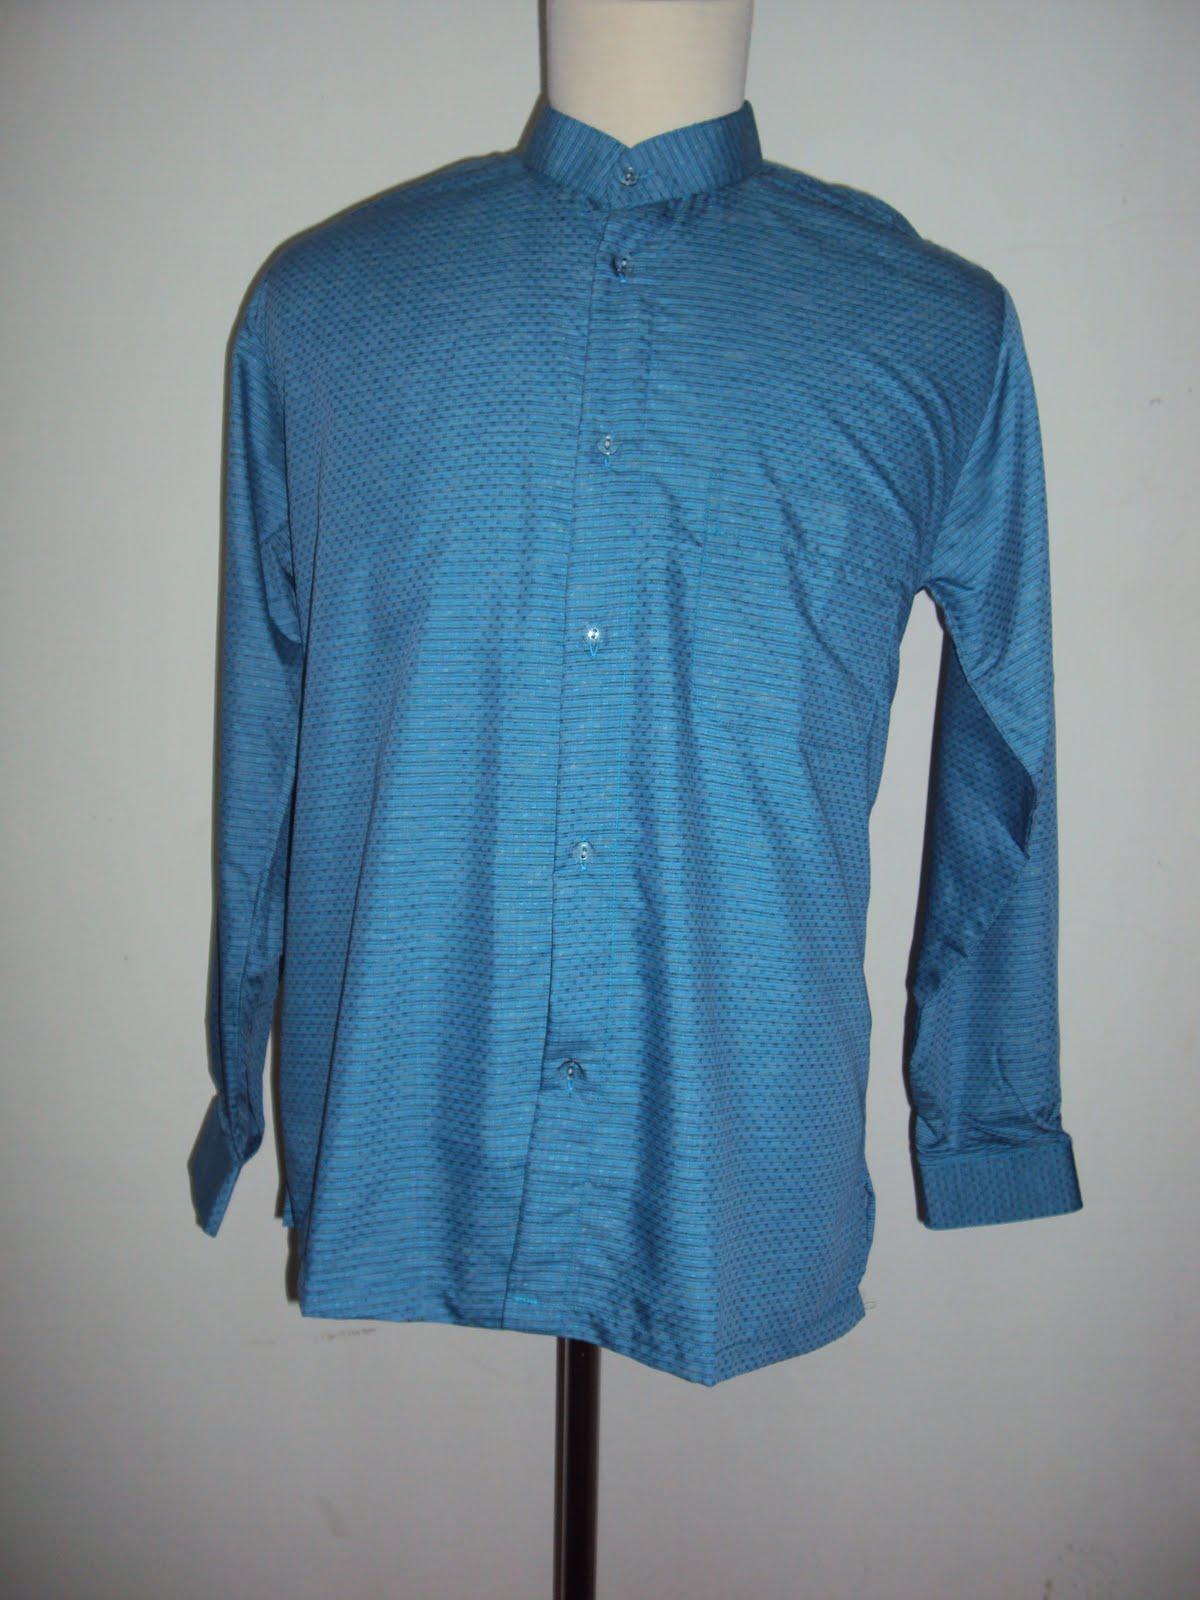 Melayu baju kurung biru - 3 6